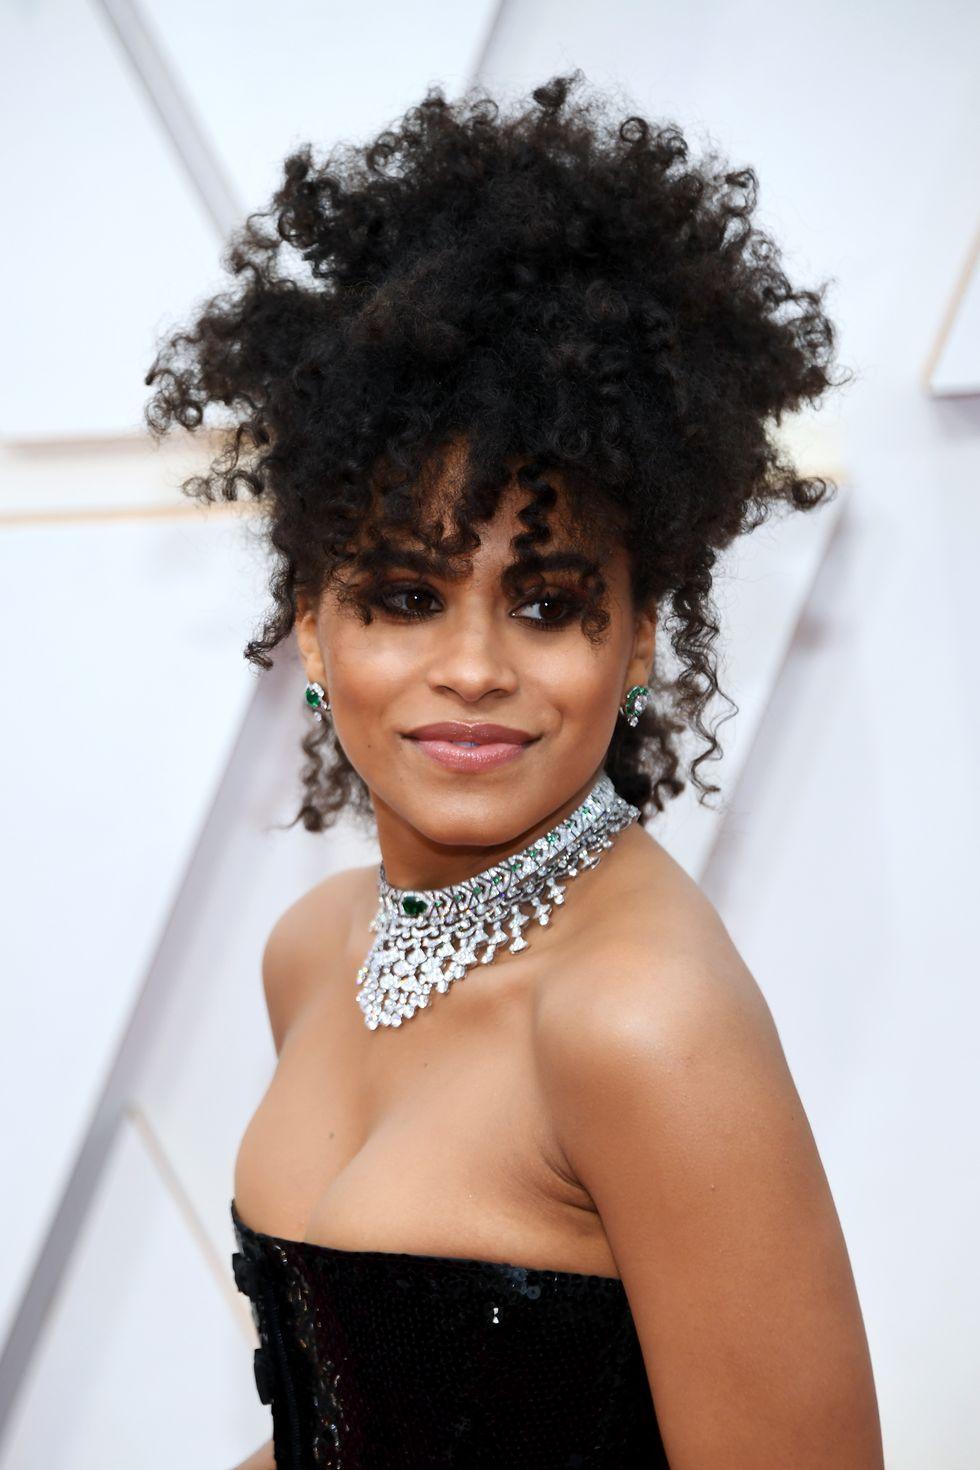 γυναικα μαυρο φυσικο σγουρο μαλλι oscars